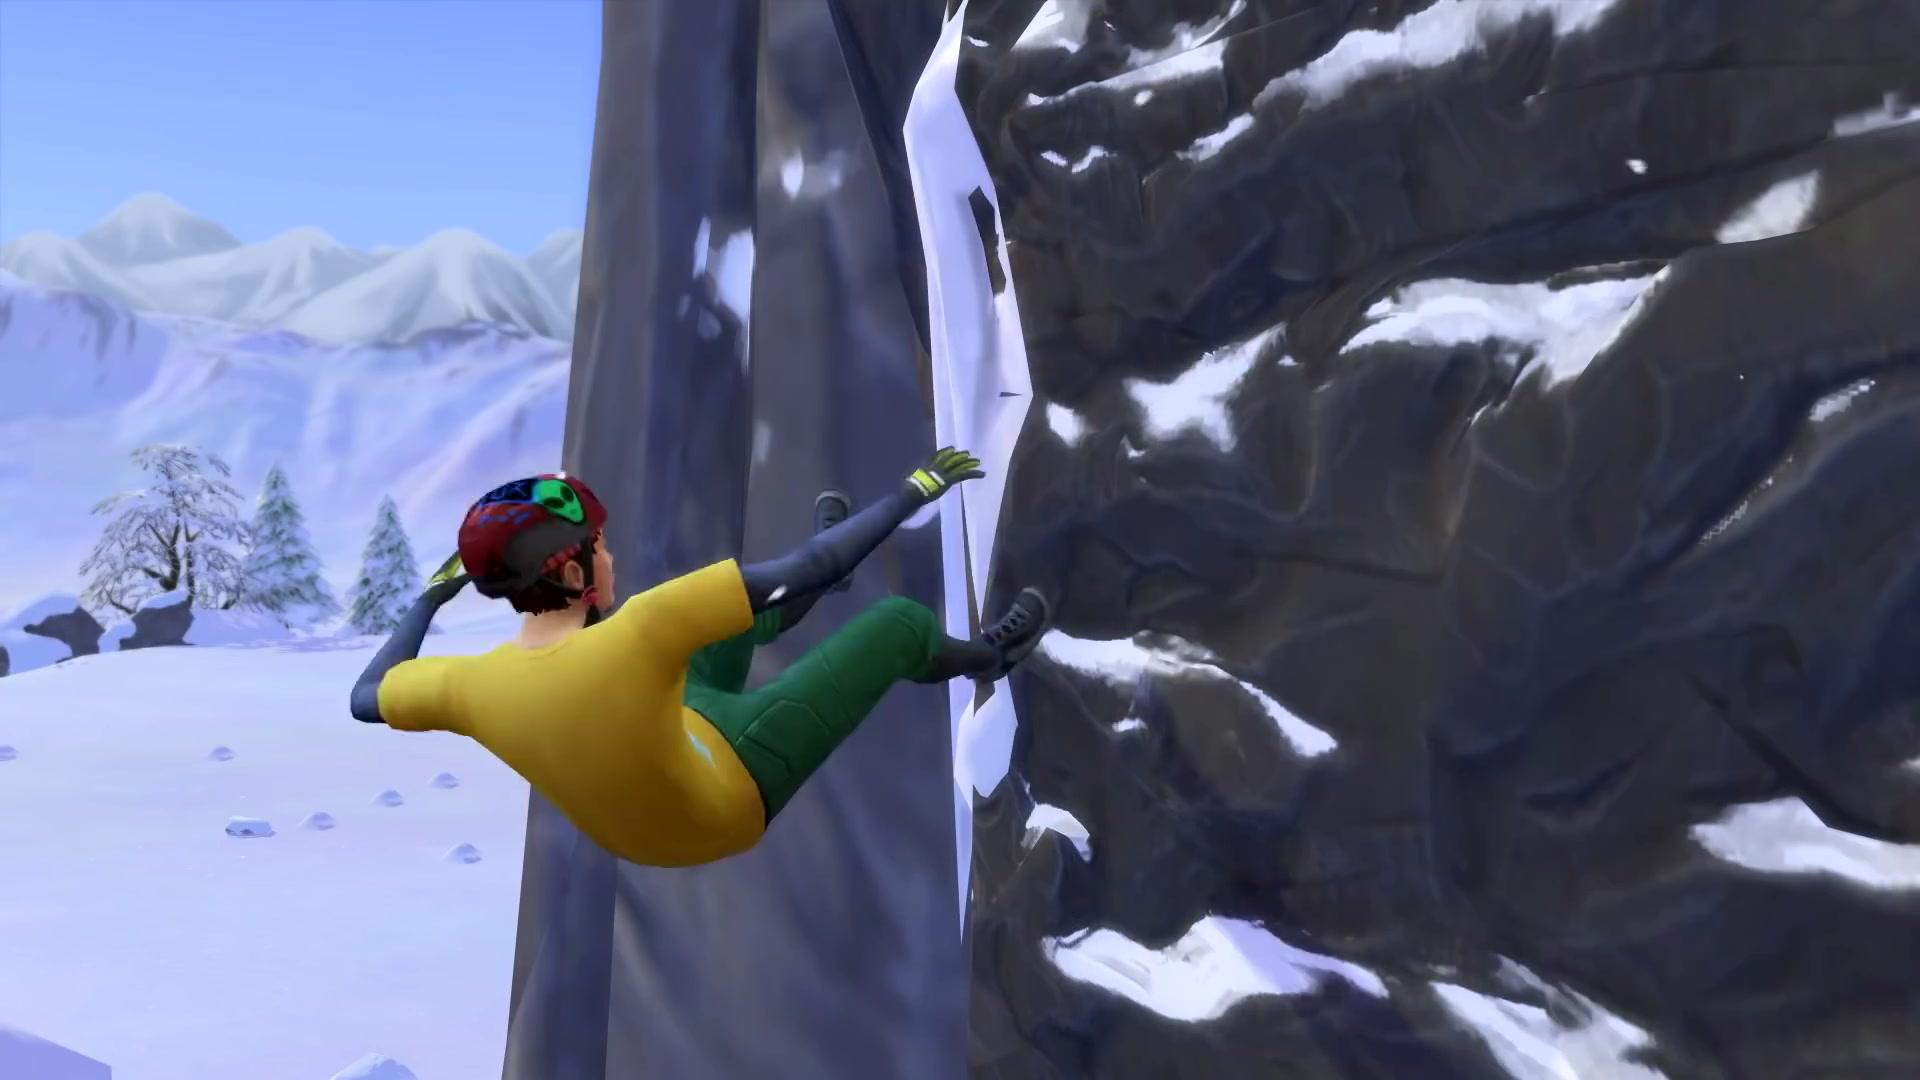 the sims 4 snowy escape wallpaper 73082